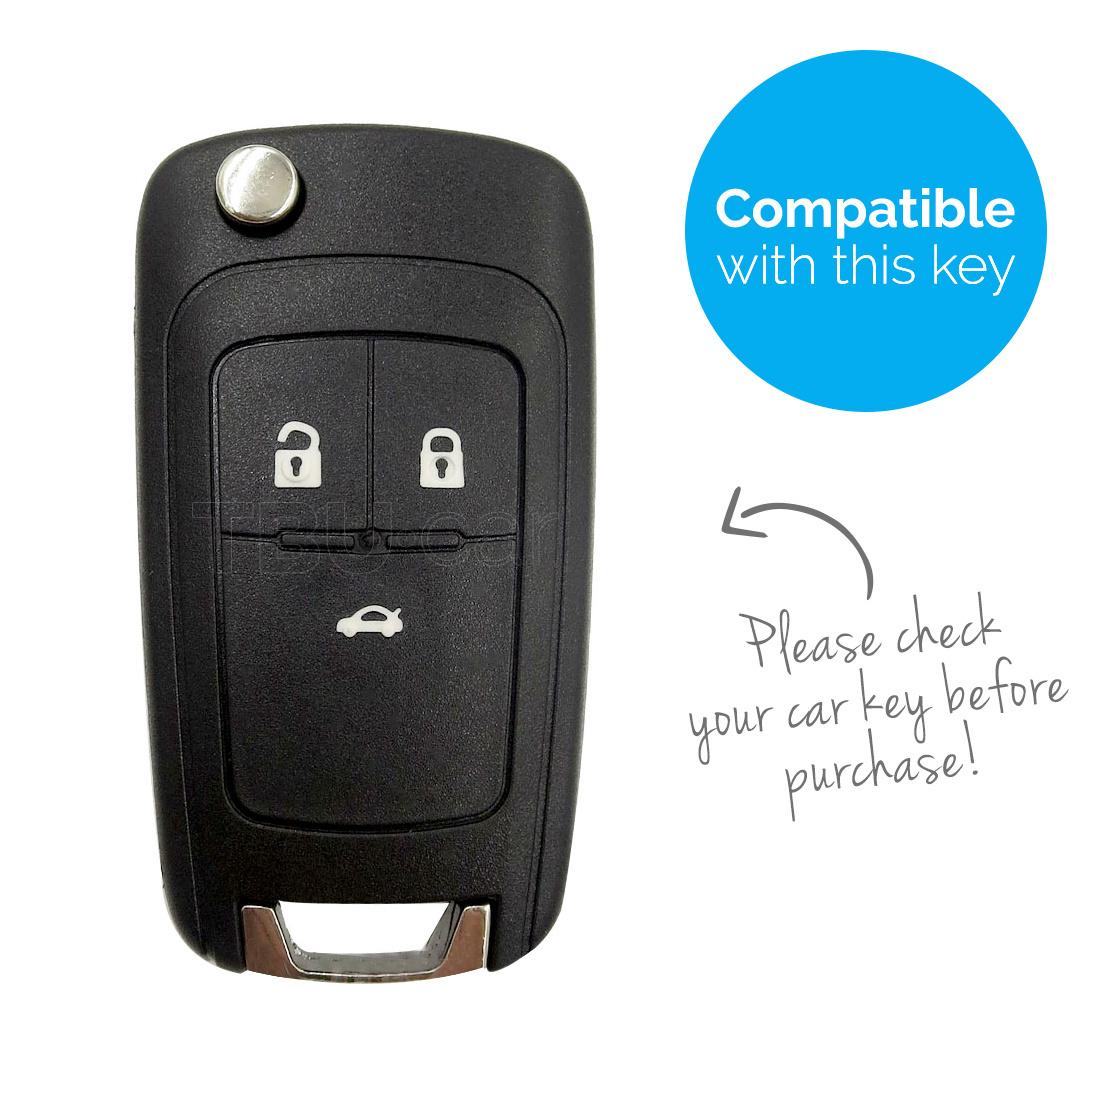 TBU car Autoschlüssel Hülle für Chevrolet 3 Tasten - Schutzhülle aus Silikon - Auto Schlüsselhülle Cover in Hellblau